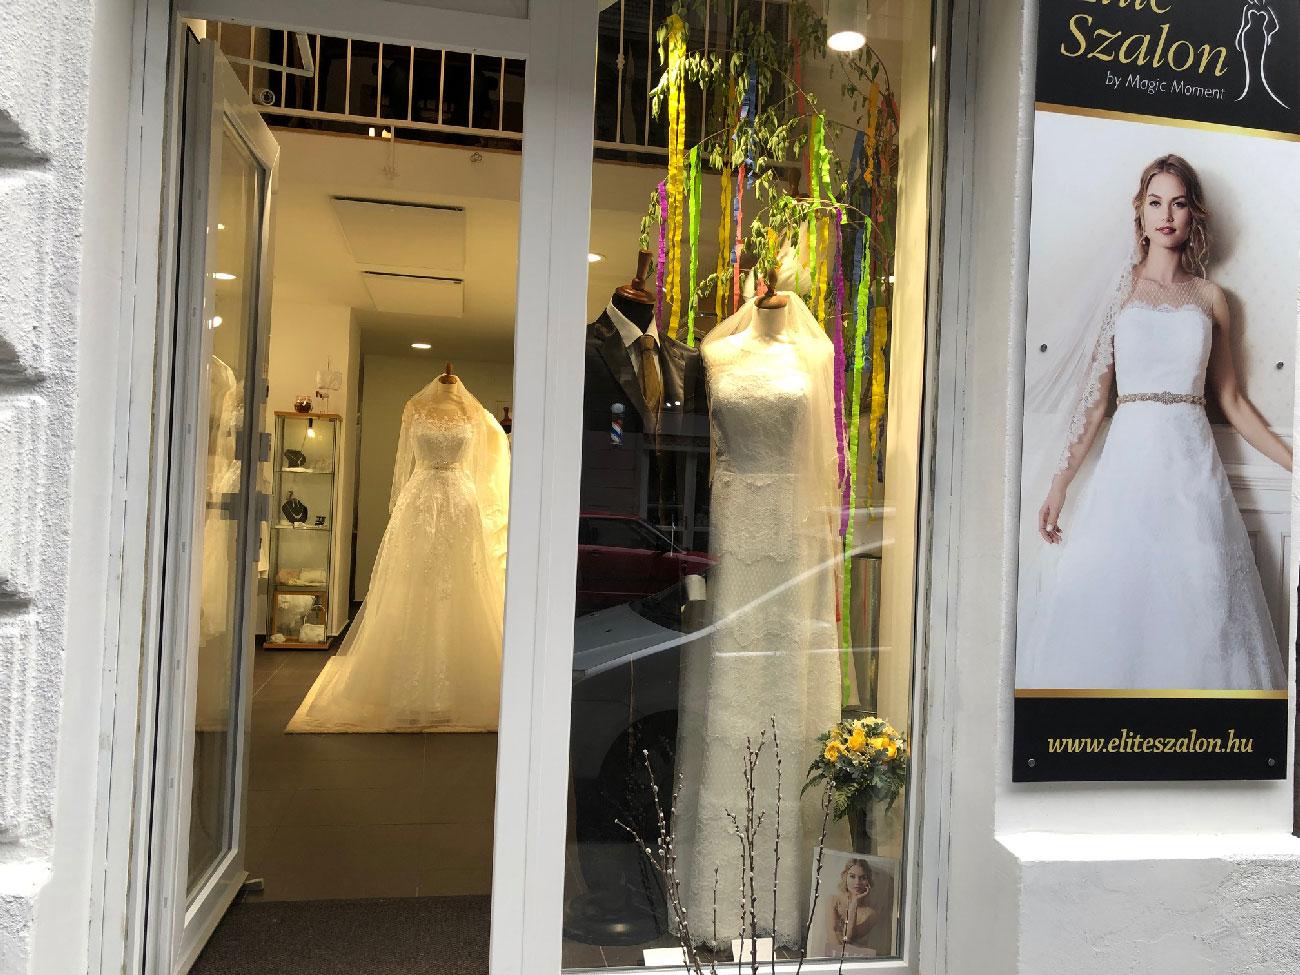 Elite Esküvői Ruhaszalon - 25 év, 25% kedvezmény - Kedvezményes menyasszonyi ruha